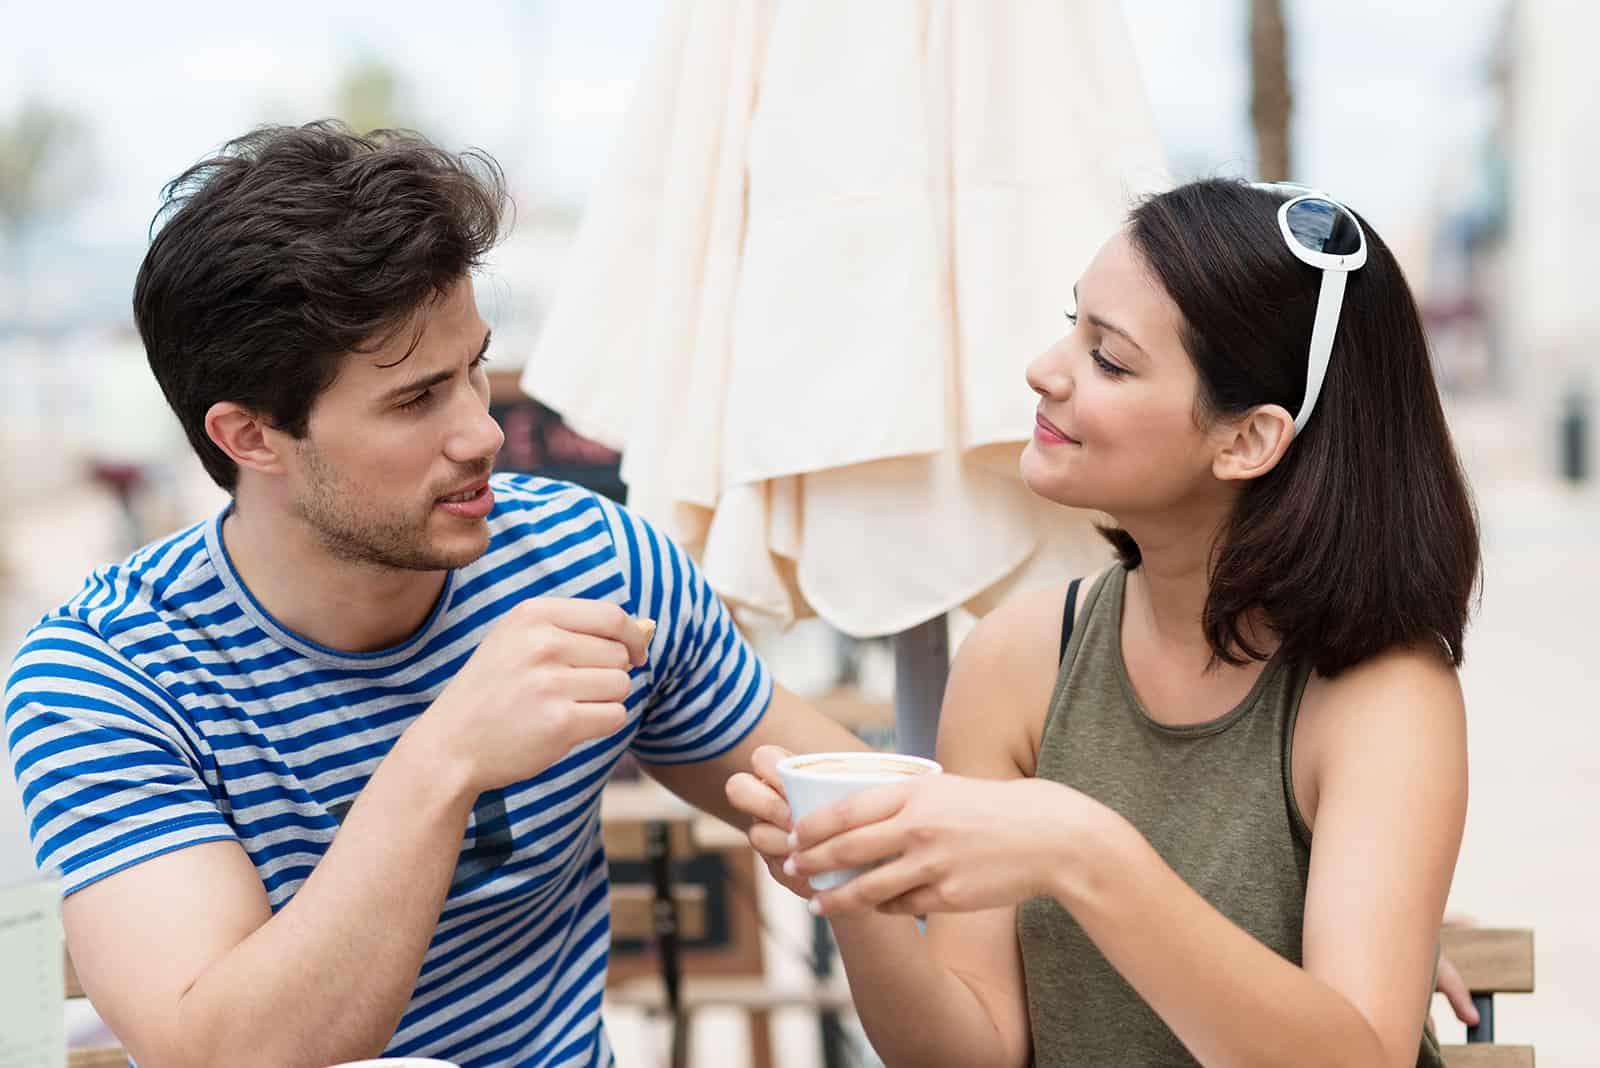 Ein Mann und eine Frau unterhalten sich in einem Café und trinken Kaffee